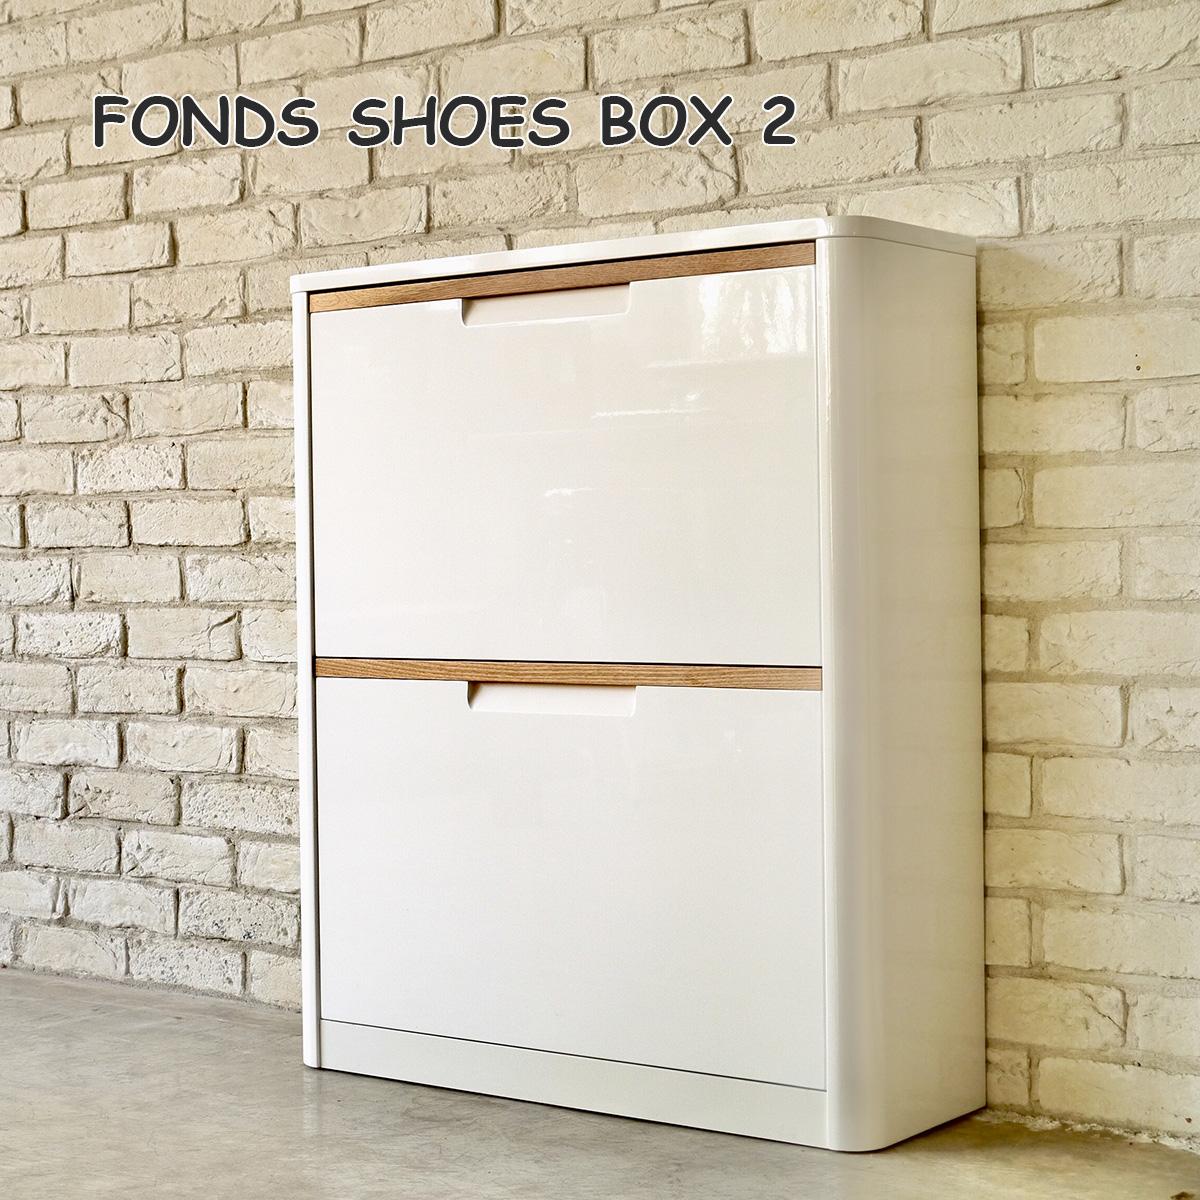 フォン シューズボックス 2段 FONS SHOES BOX 2 ホワイト 白 完成品 フラップ扉 奥行き25cm スリムタイプ シンプル 転倒防止